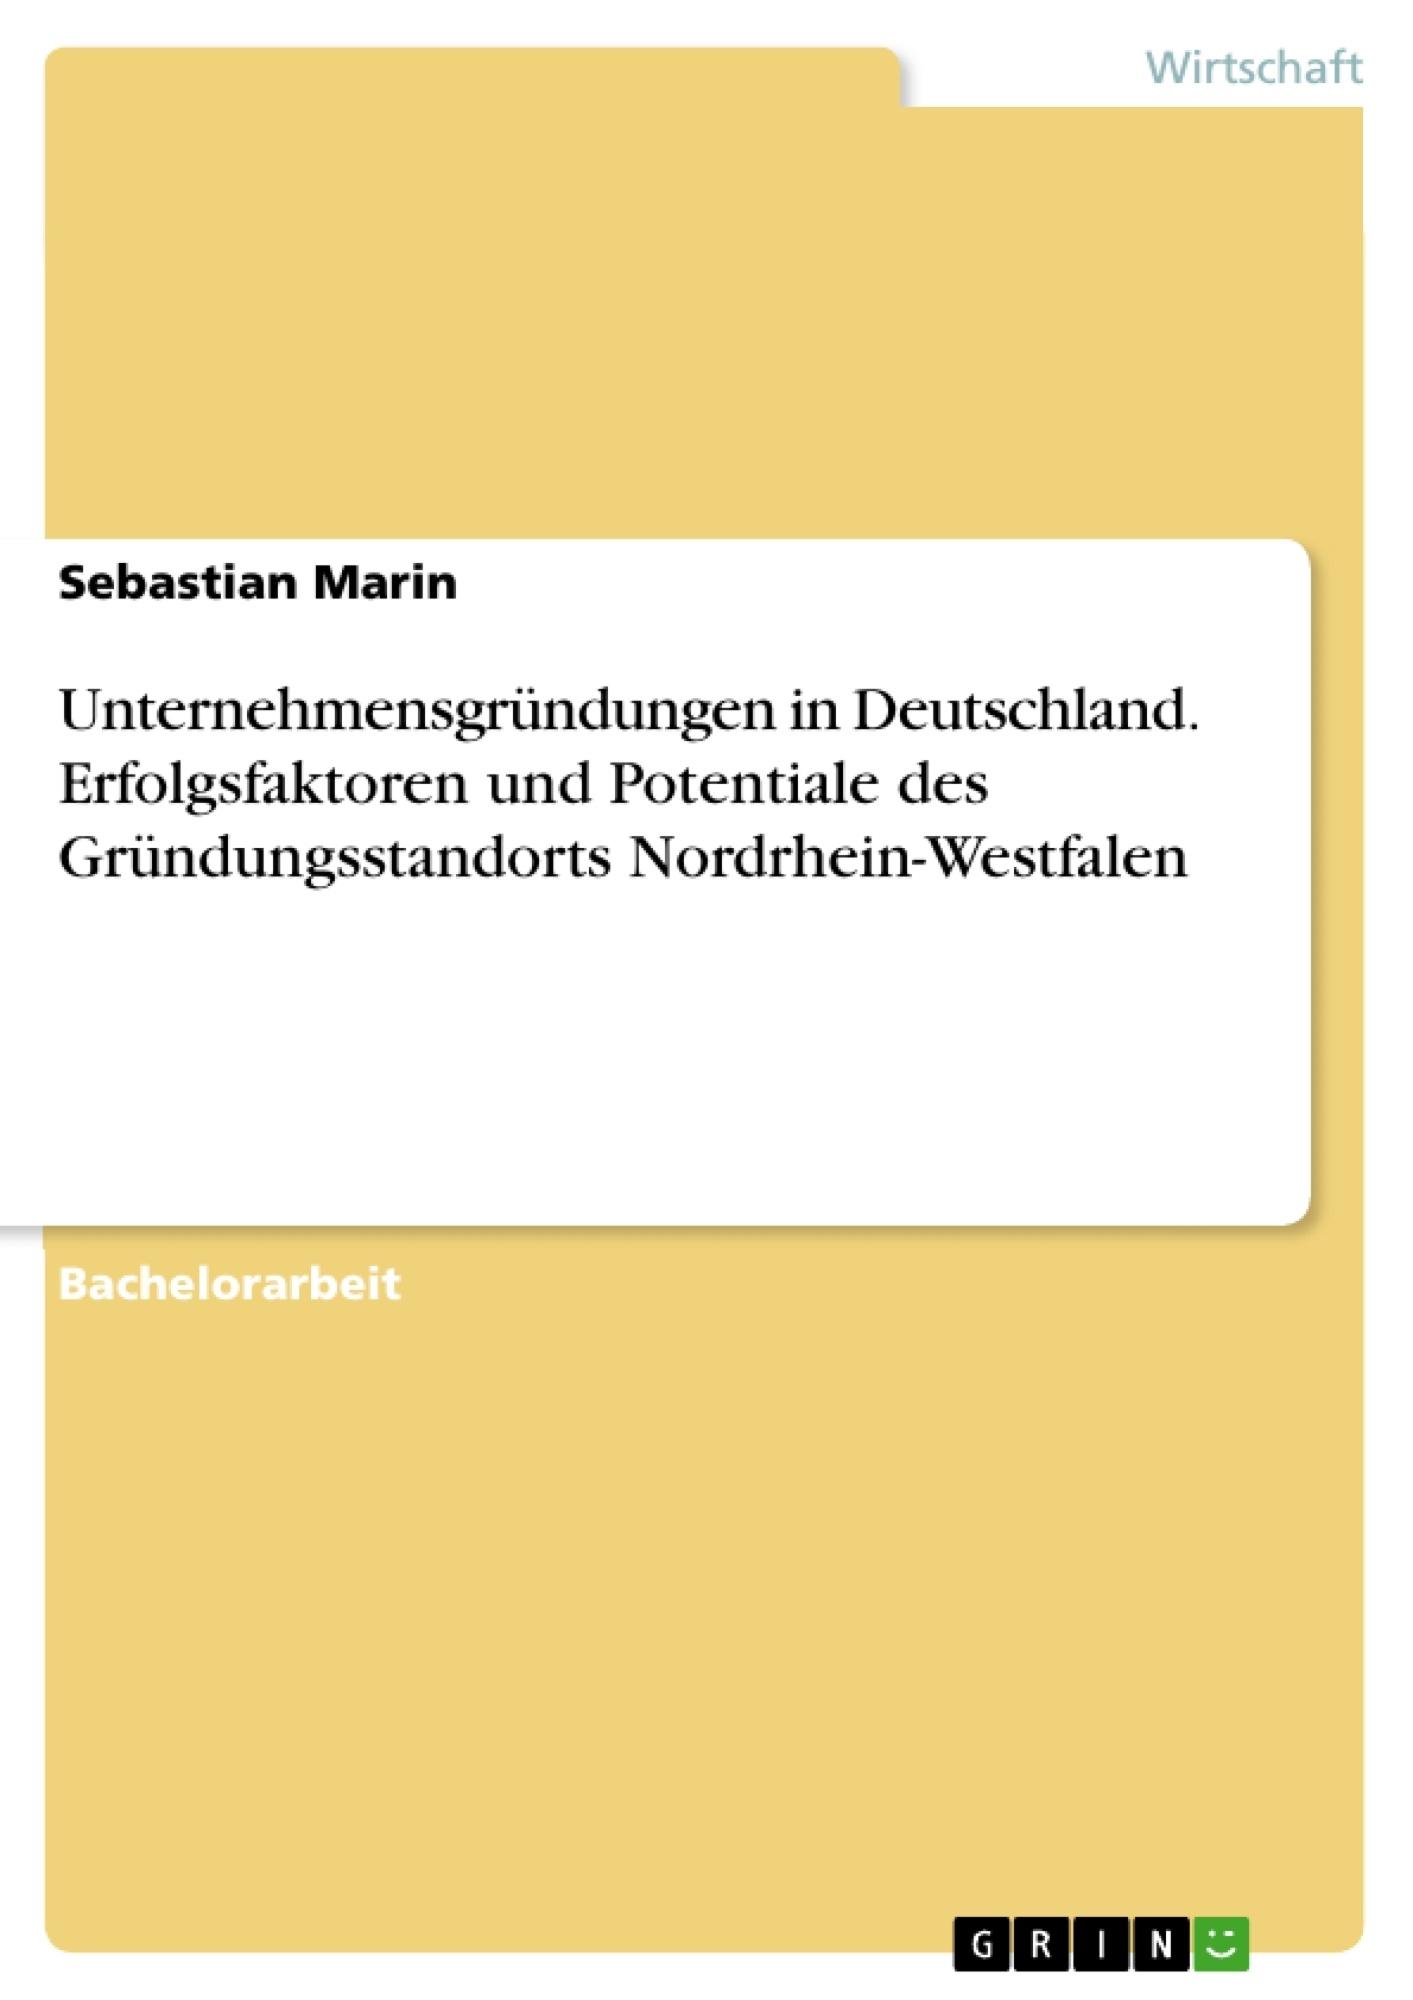 Titel: Unternehmensgründungen in Deutschland. Erfolgsfaktoren und Potentiale des Gründungsstandorts Nordrhein-Westfalen